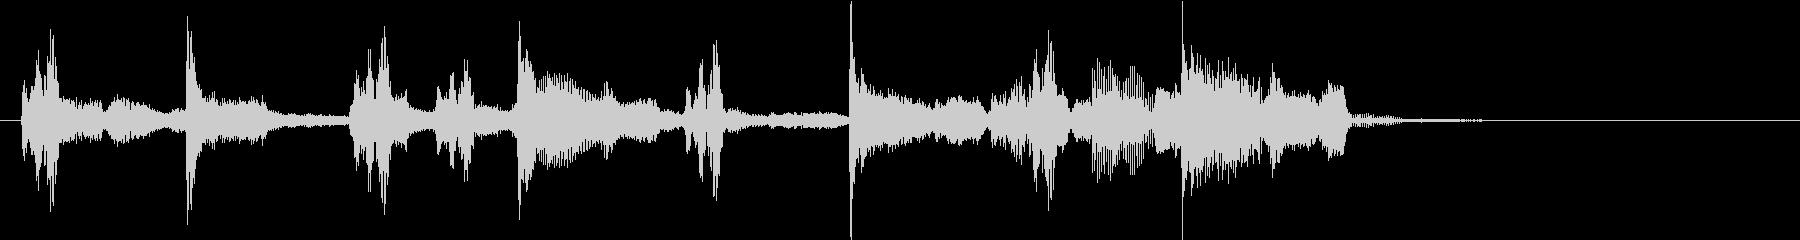 渋かわいいメロディー♪【ロゴ&ジングル】の未再生の波形